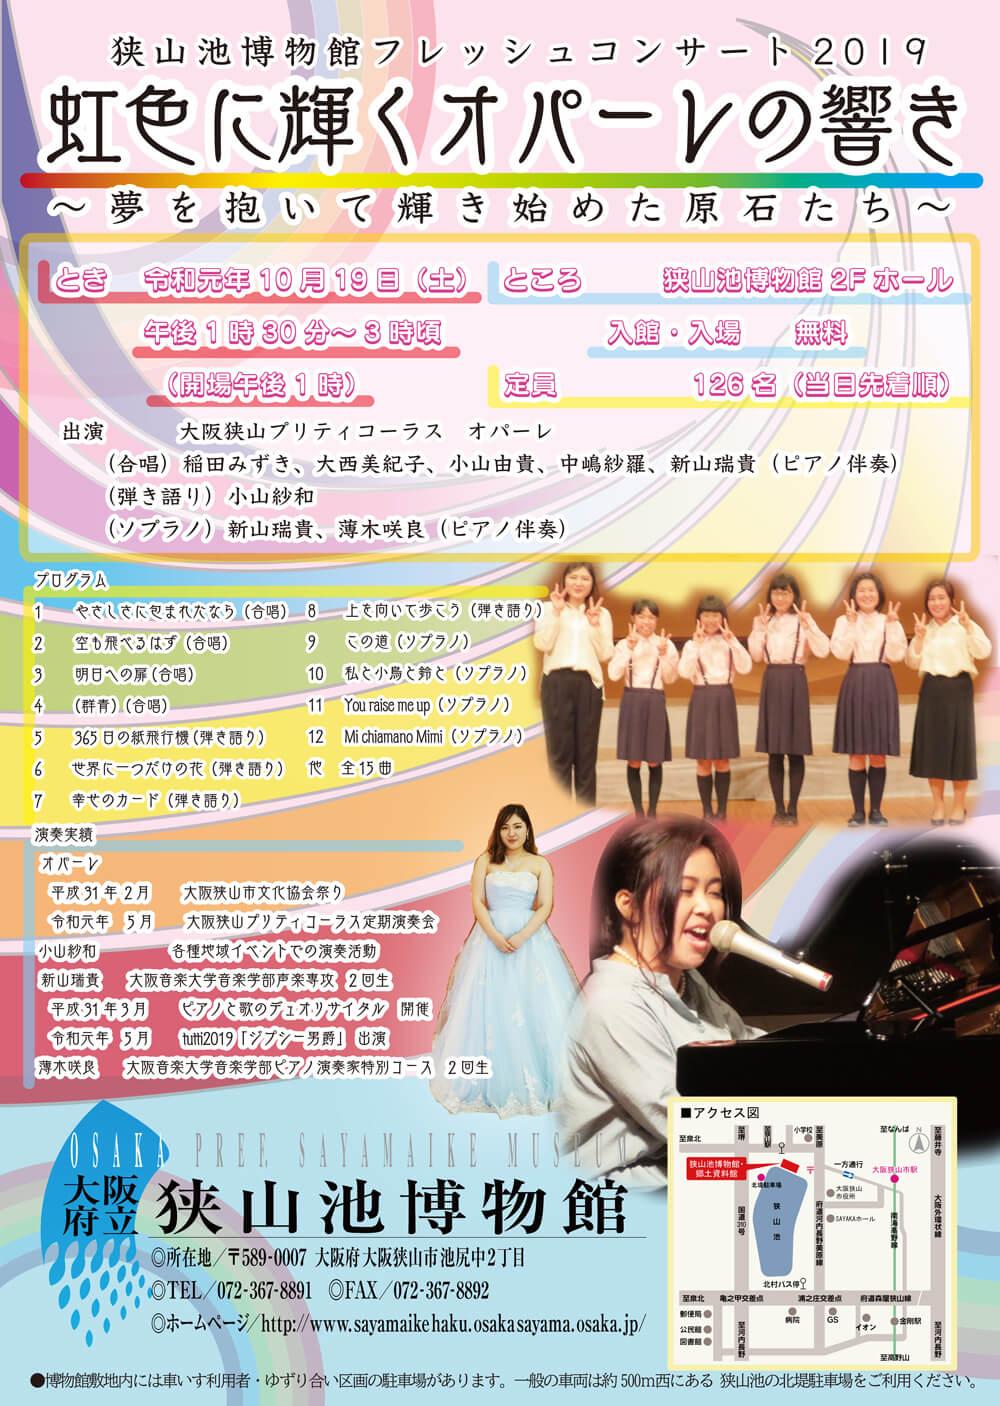 フレッシュコンサート 2019「虹色に輝くオパーレの響き」が狭山池博物館で2019年10月19日に開催